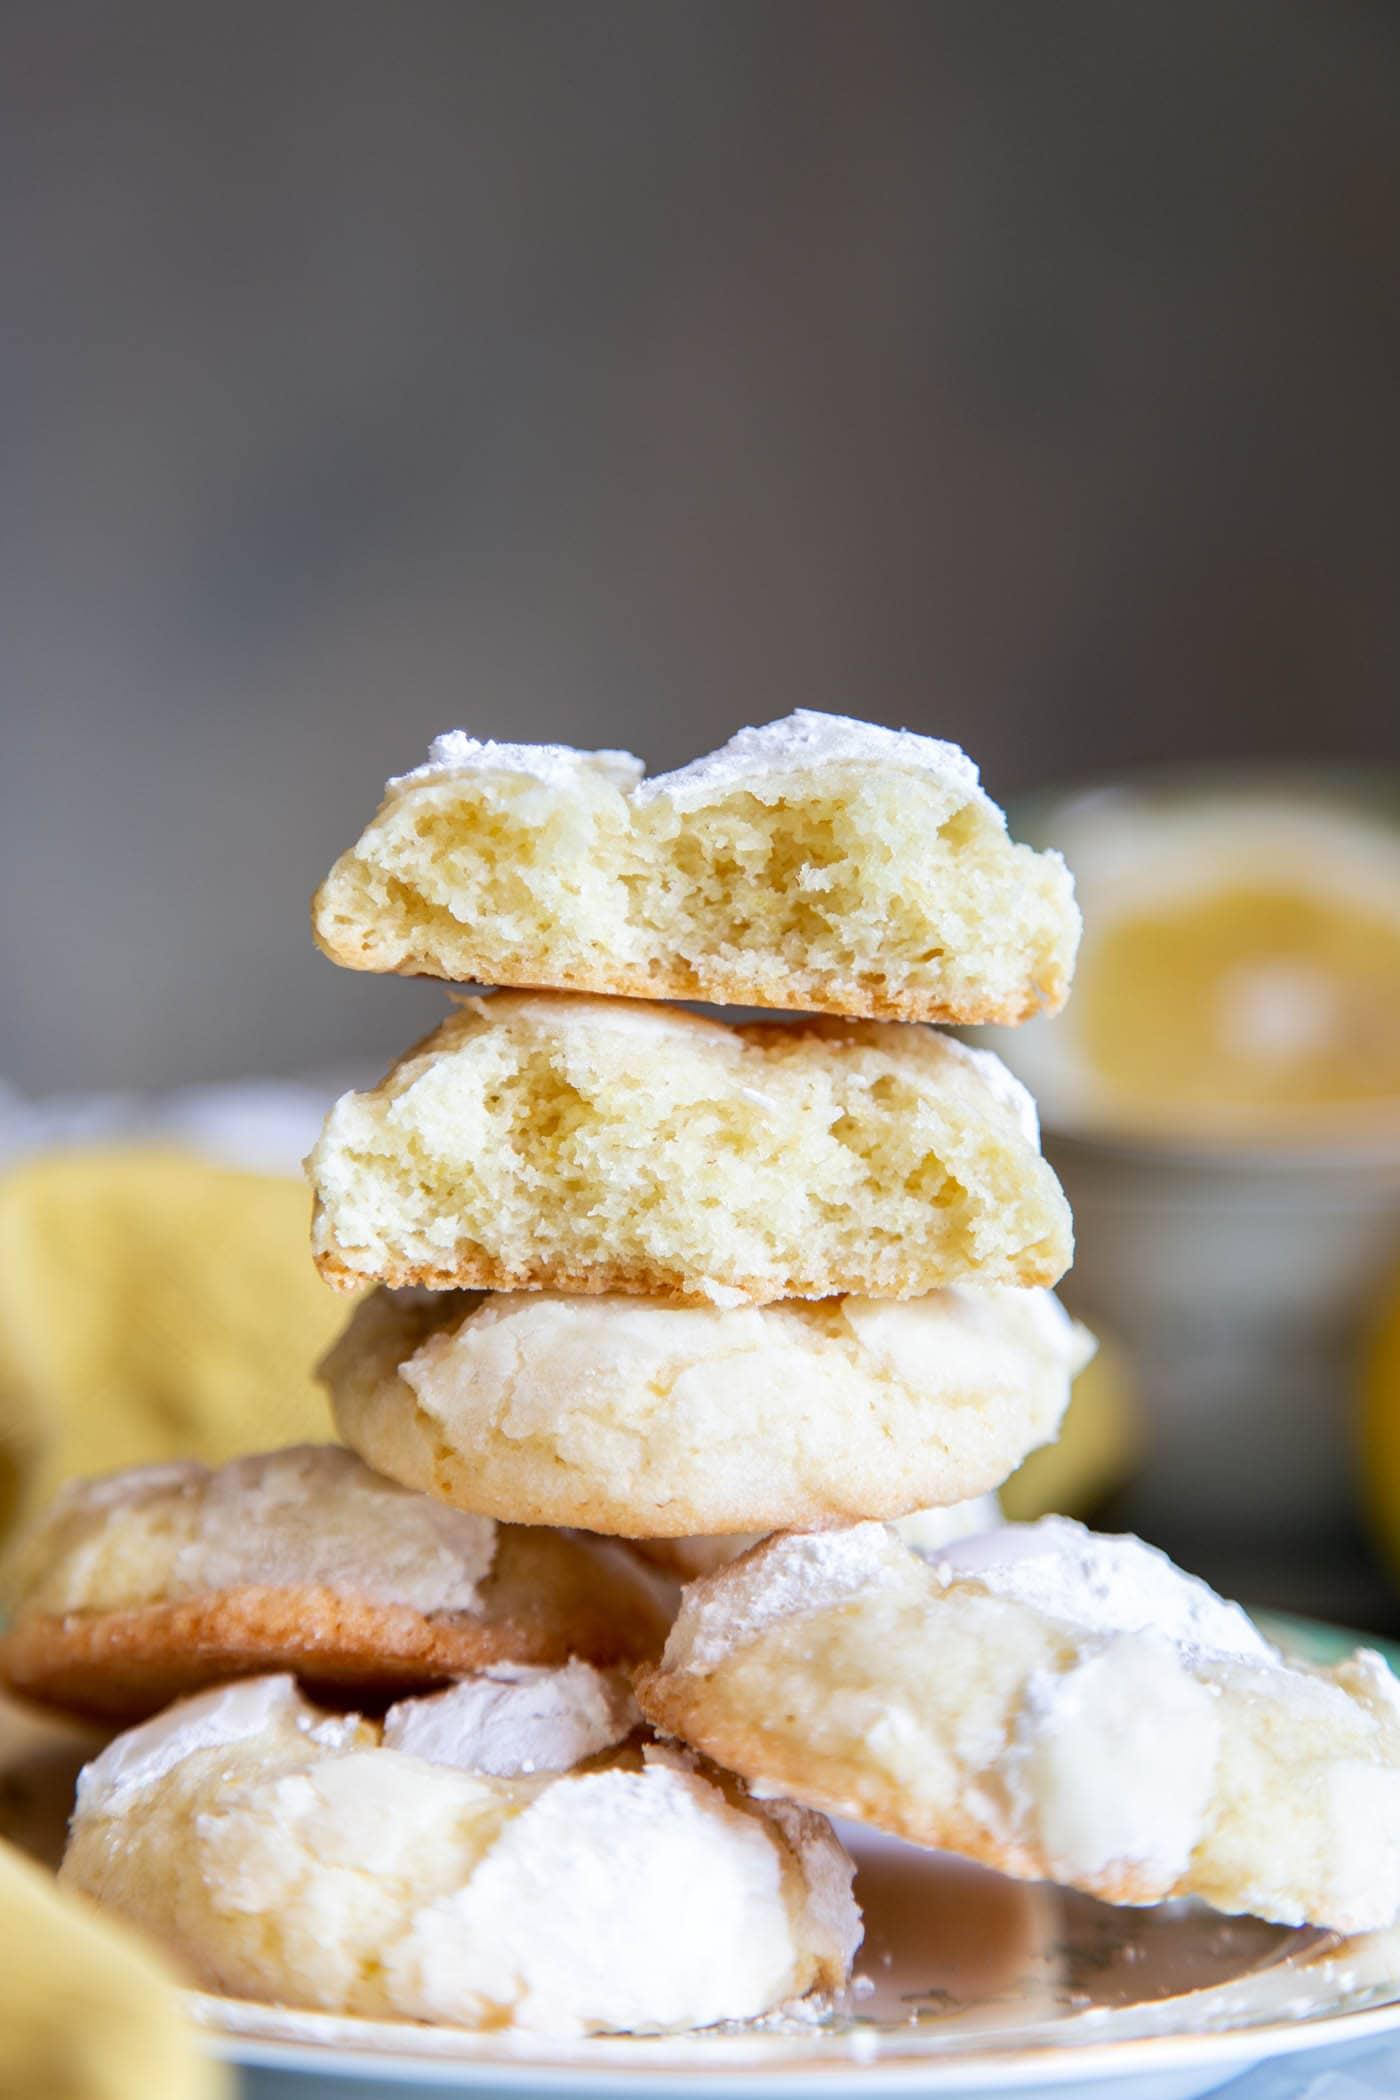 A stack of lemon crinkle cookies